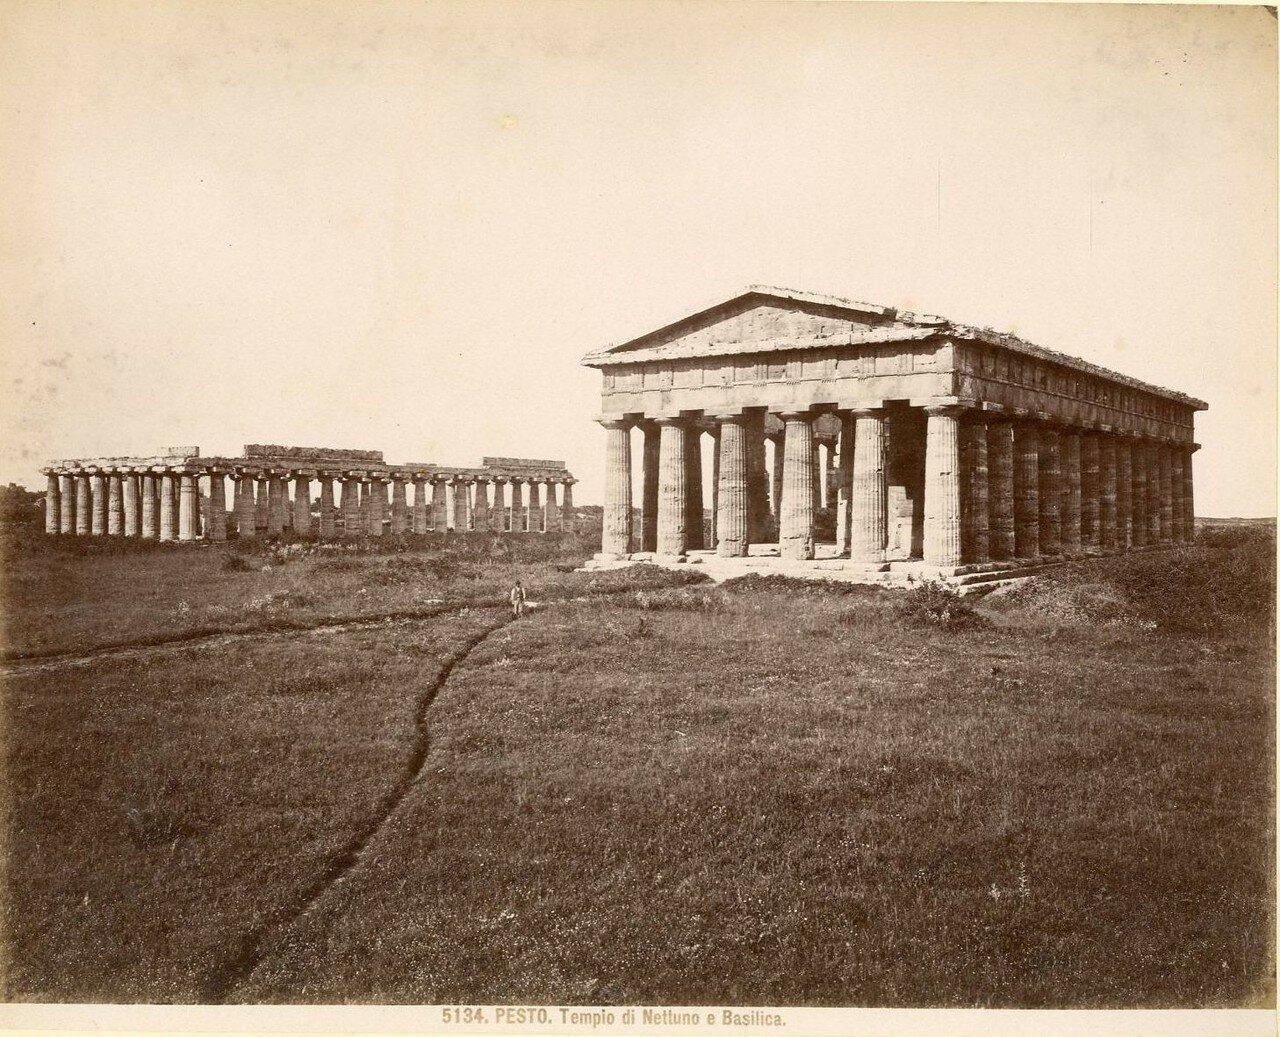 Храм Геры-I («Базилика») и храм Геры-II